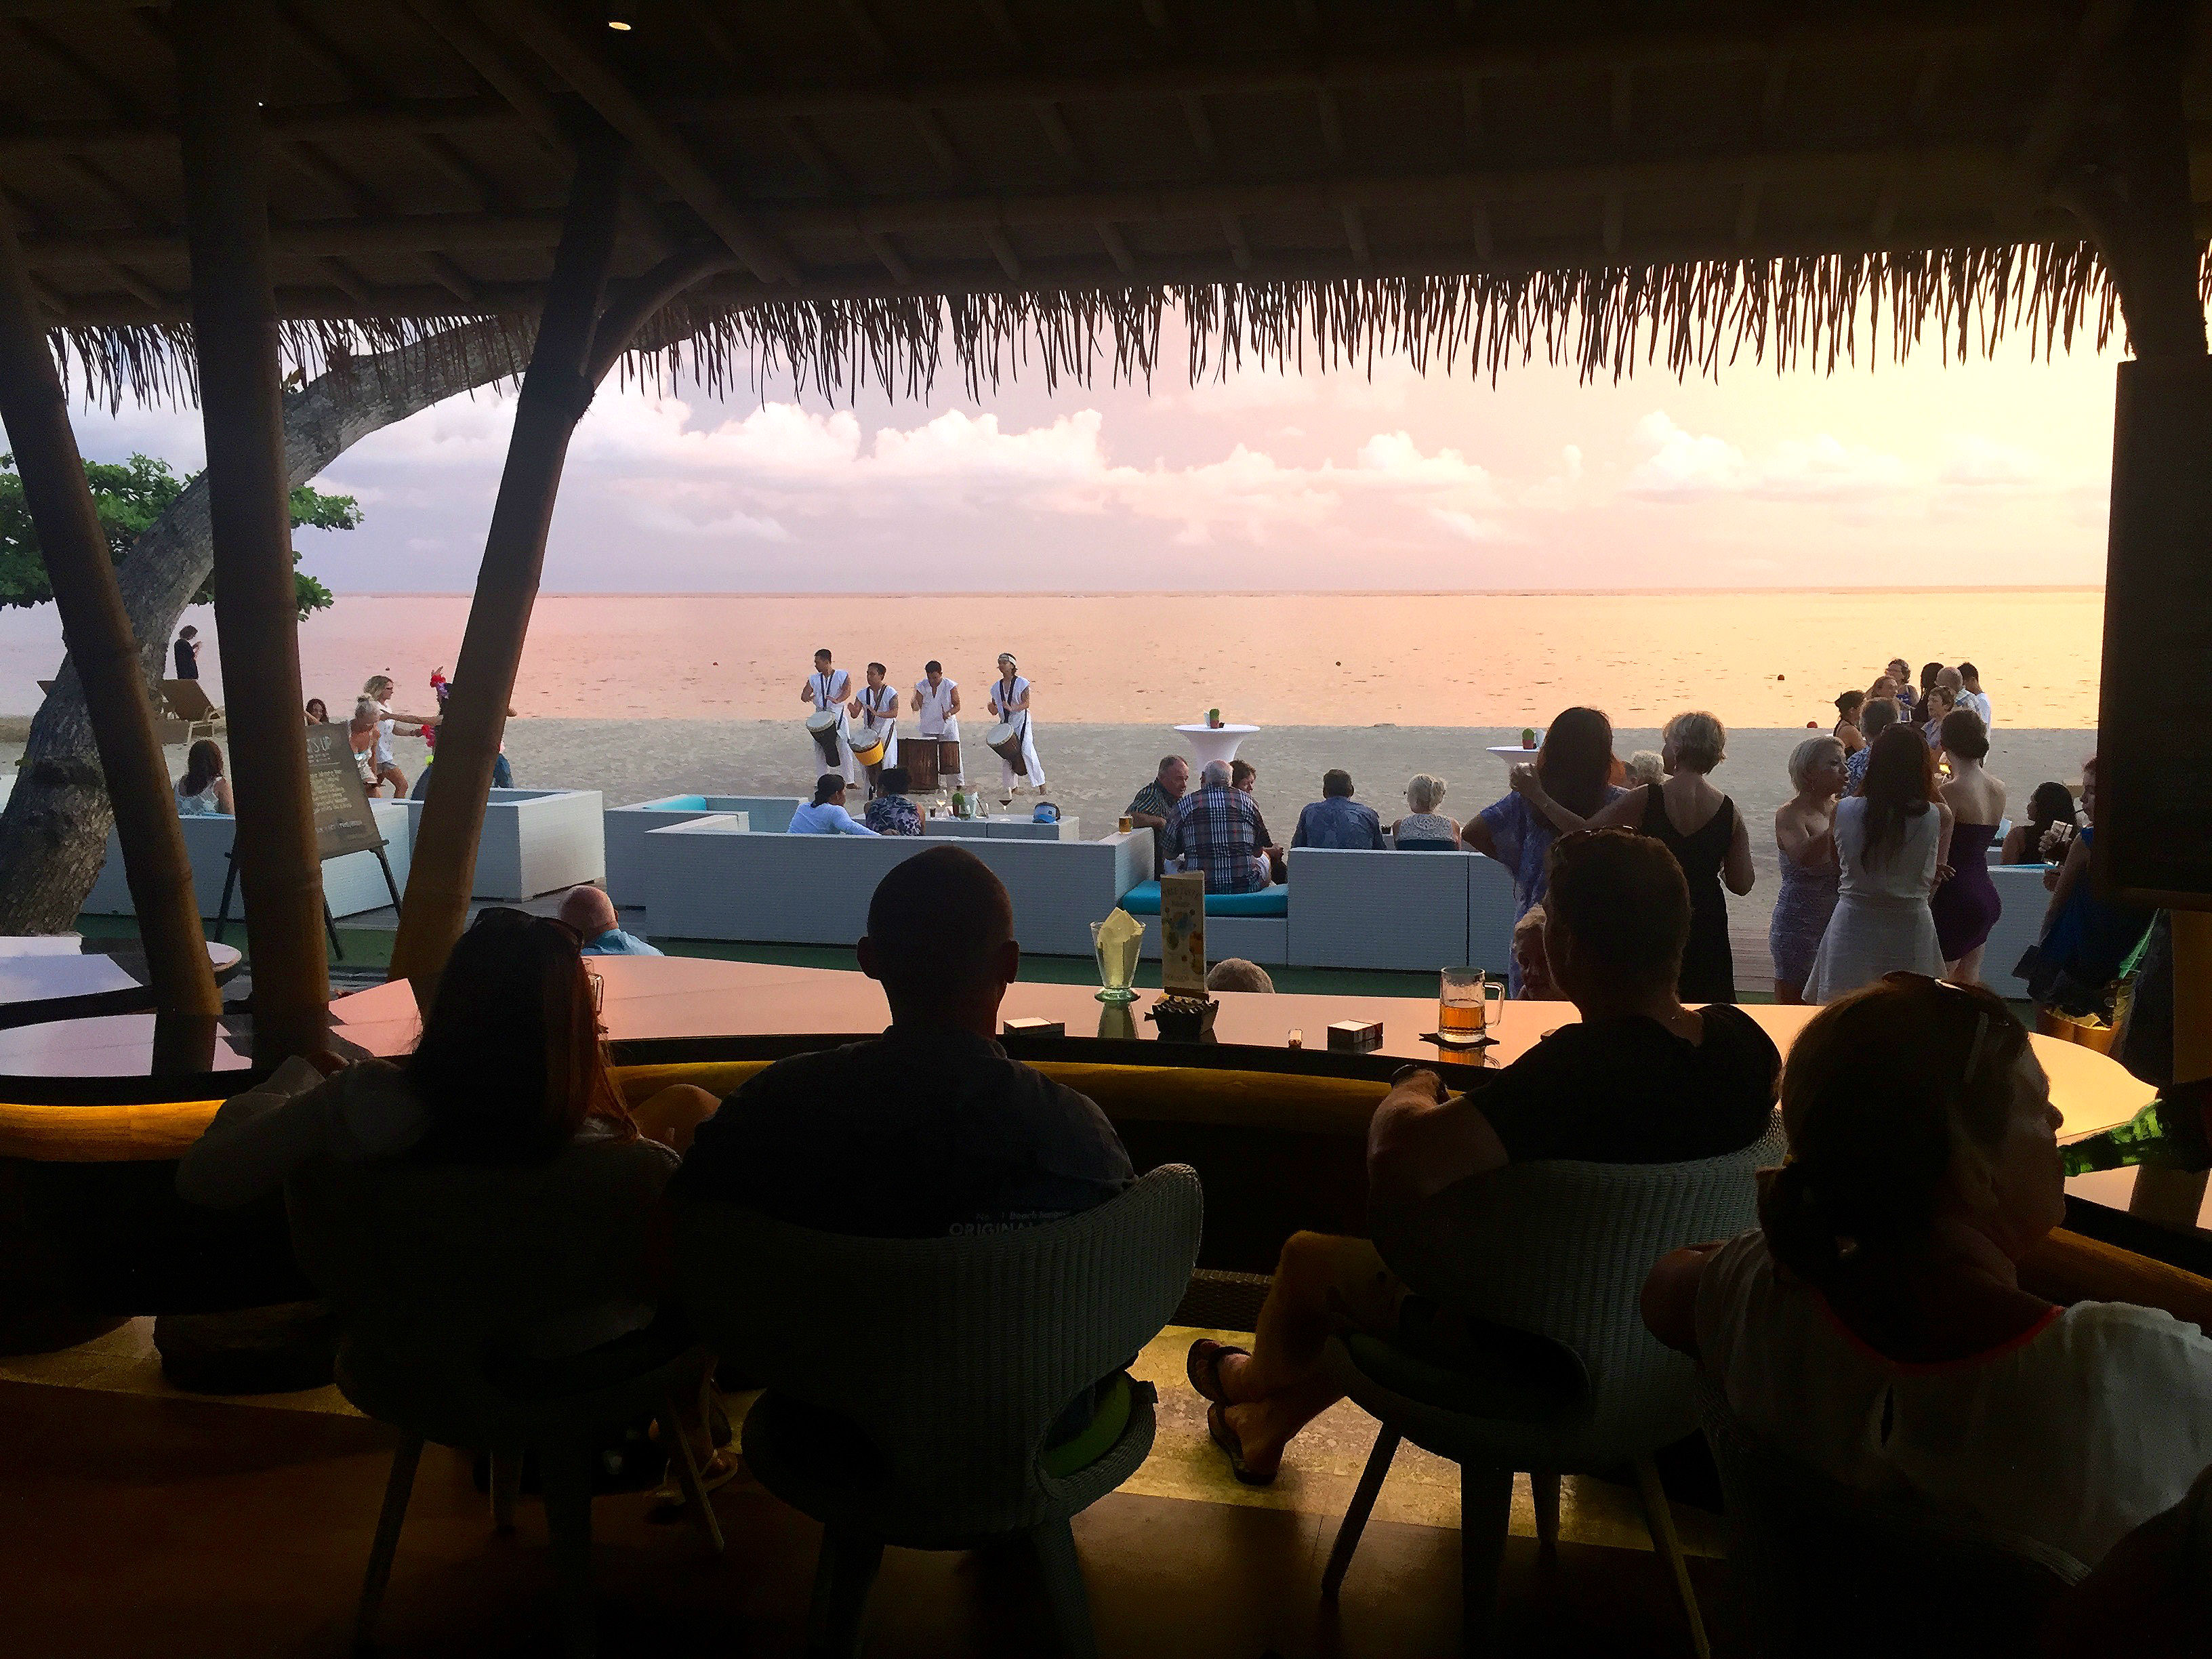 Bamboo bar tilhører hotellet, med samler folk fra hele området til happy hour og ofte underholdning i timen før solnedgangen.